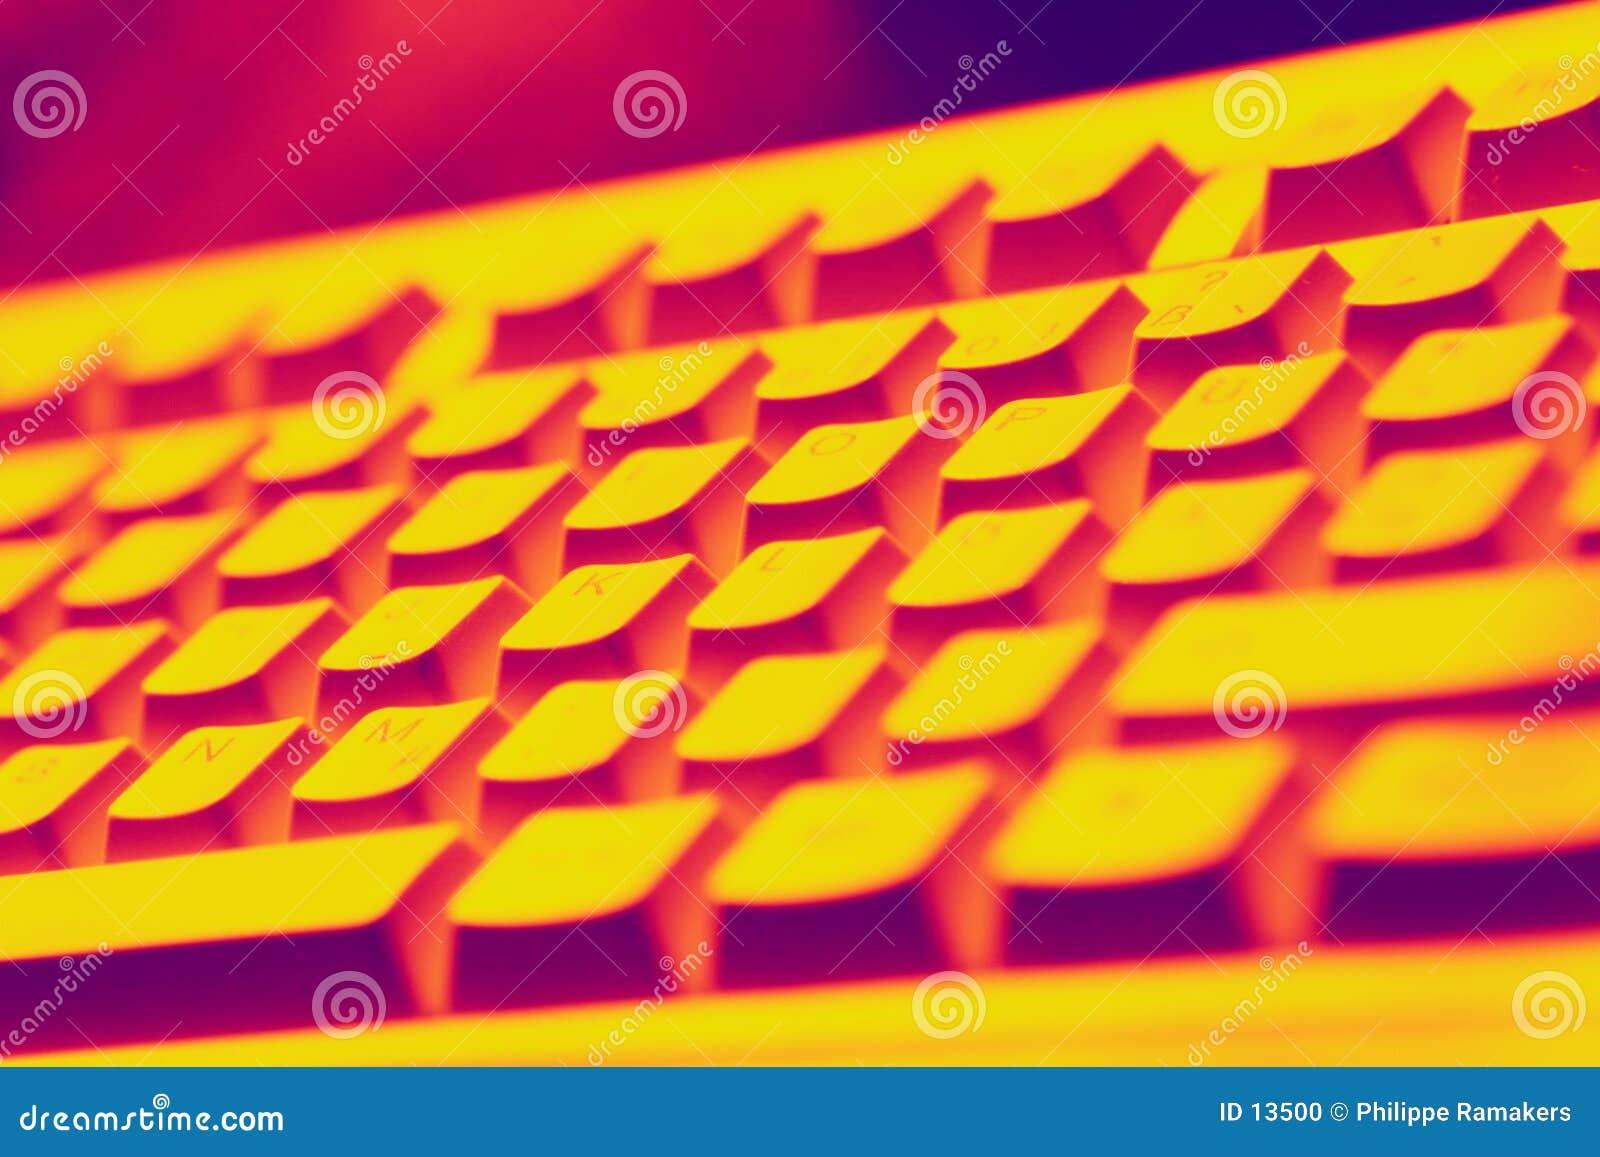 De visie van het toetsenbord